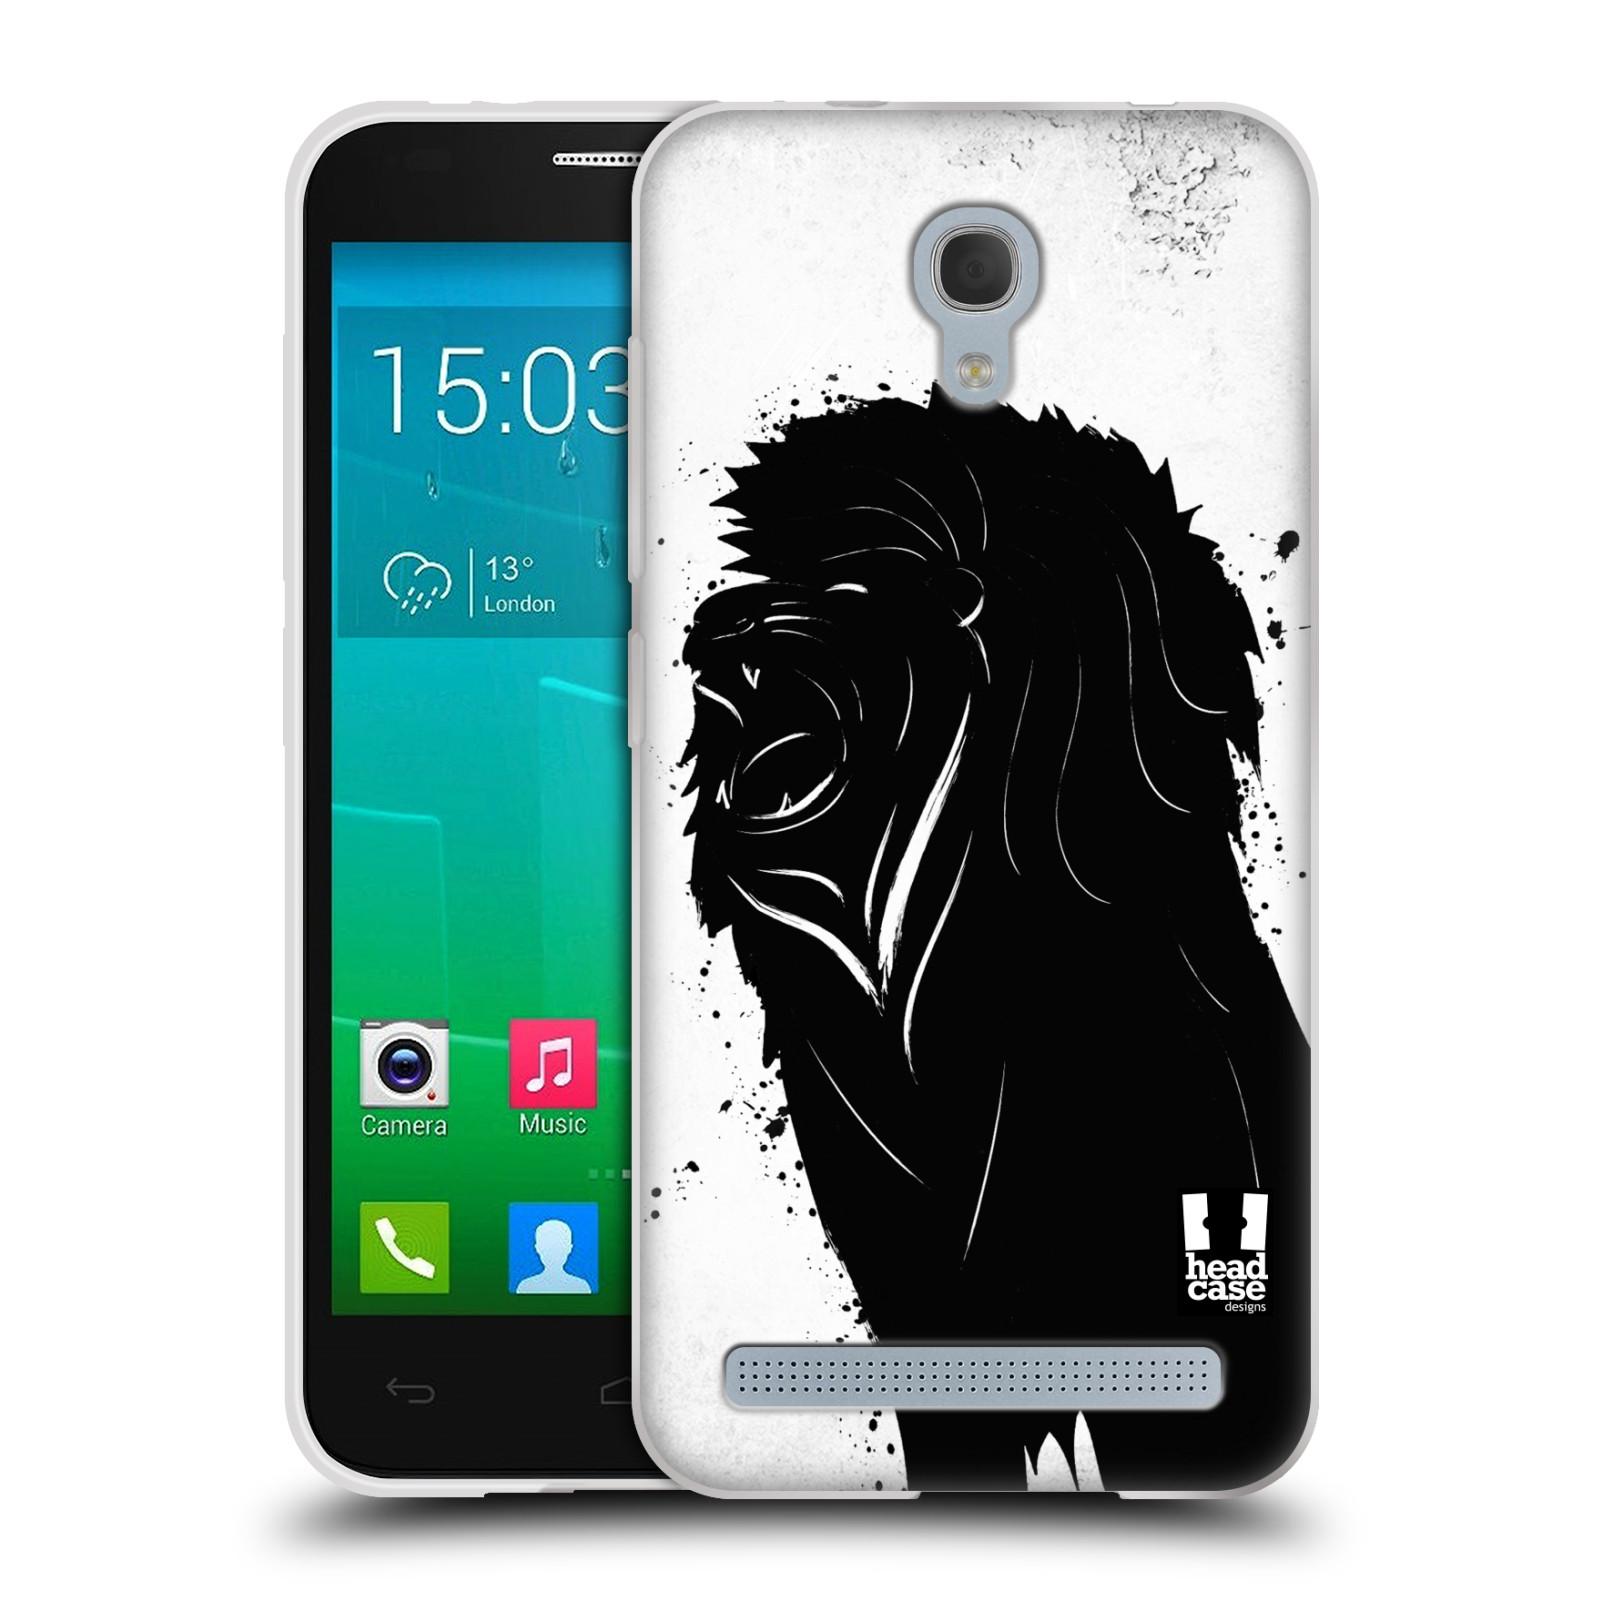 HEAD CASE silikonový obal na mobil Alcatel Idol 2 MINI S 6036Y vzor Kresba tuš zvíře lev